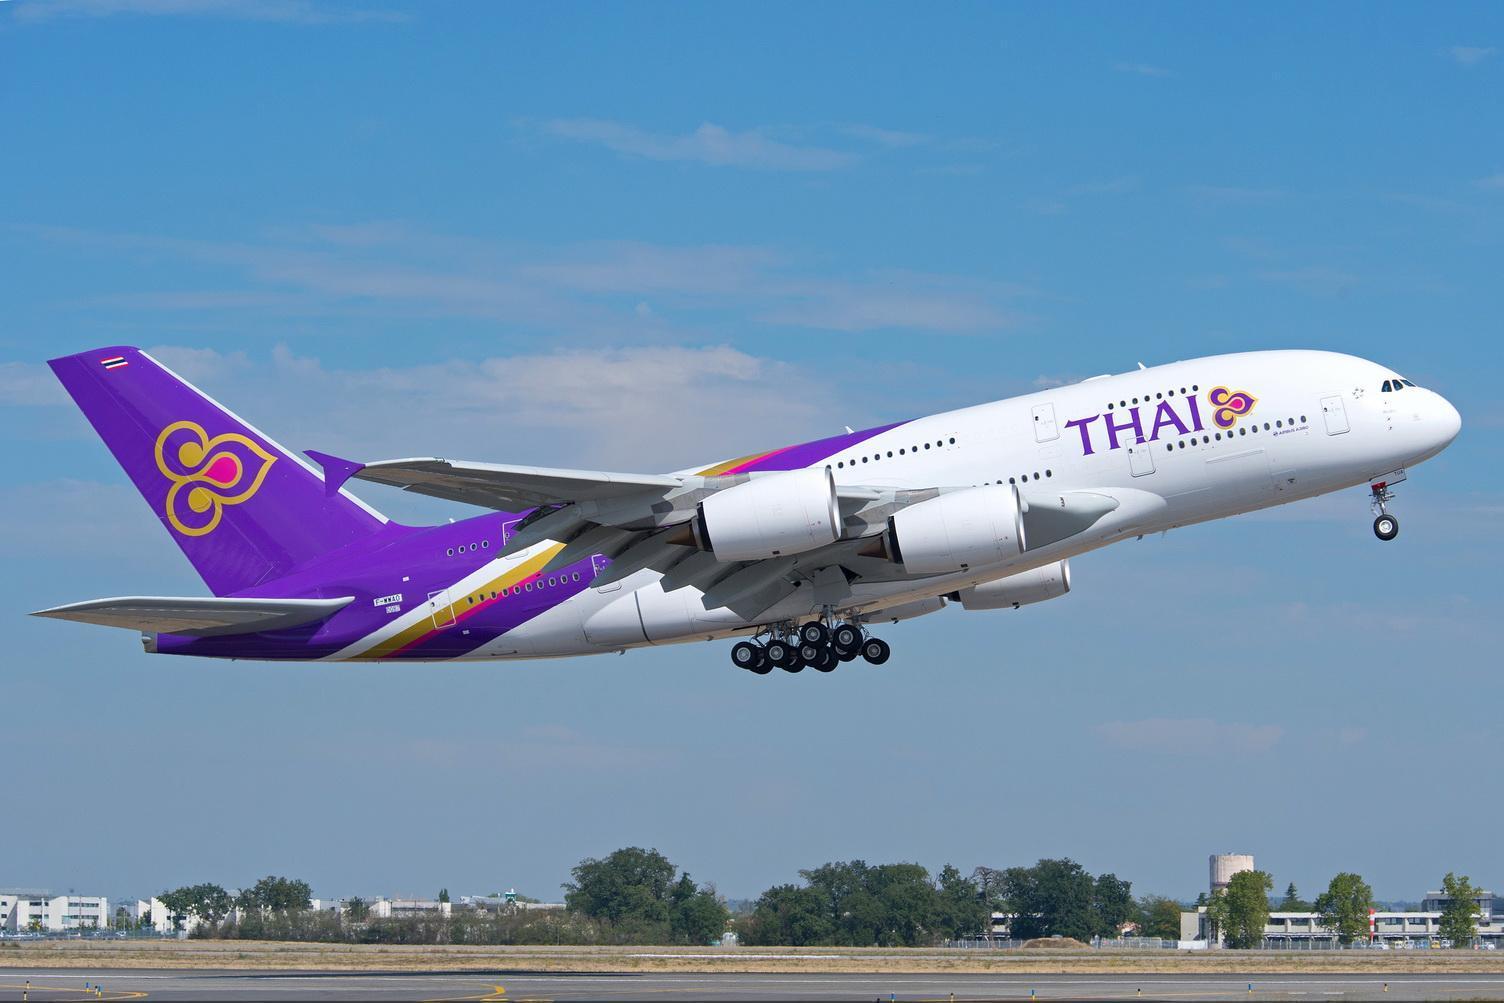 В ноябре возобнавляется авиасообщение между Таиландом и Иркутском